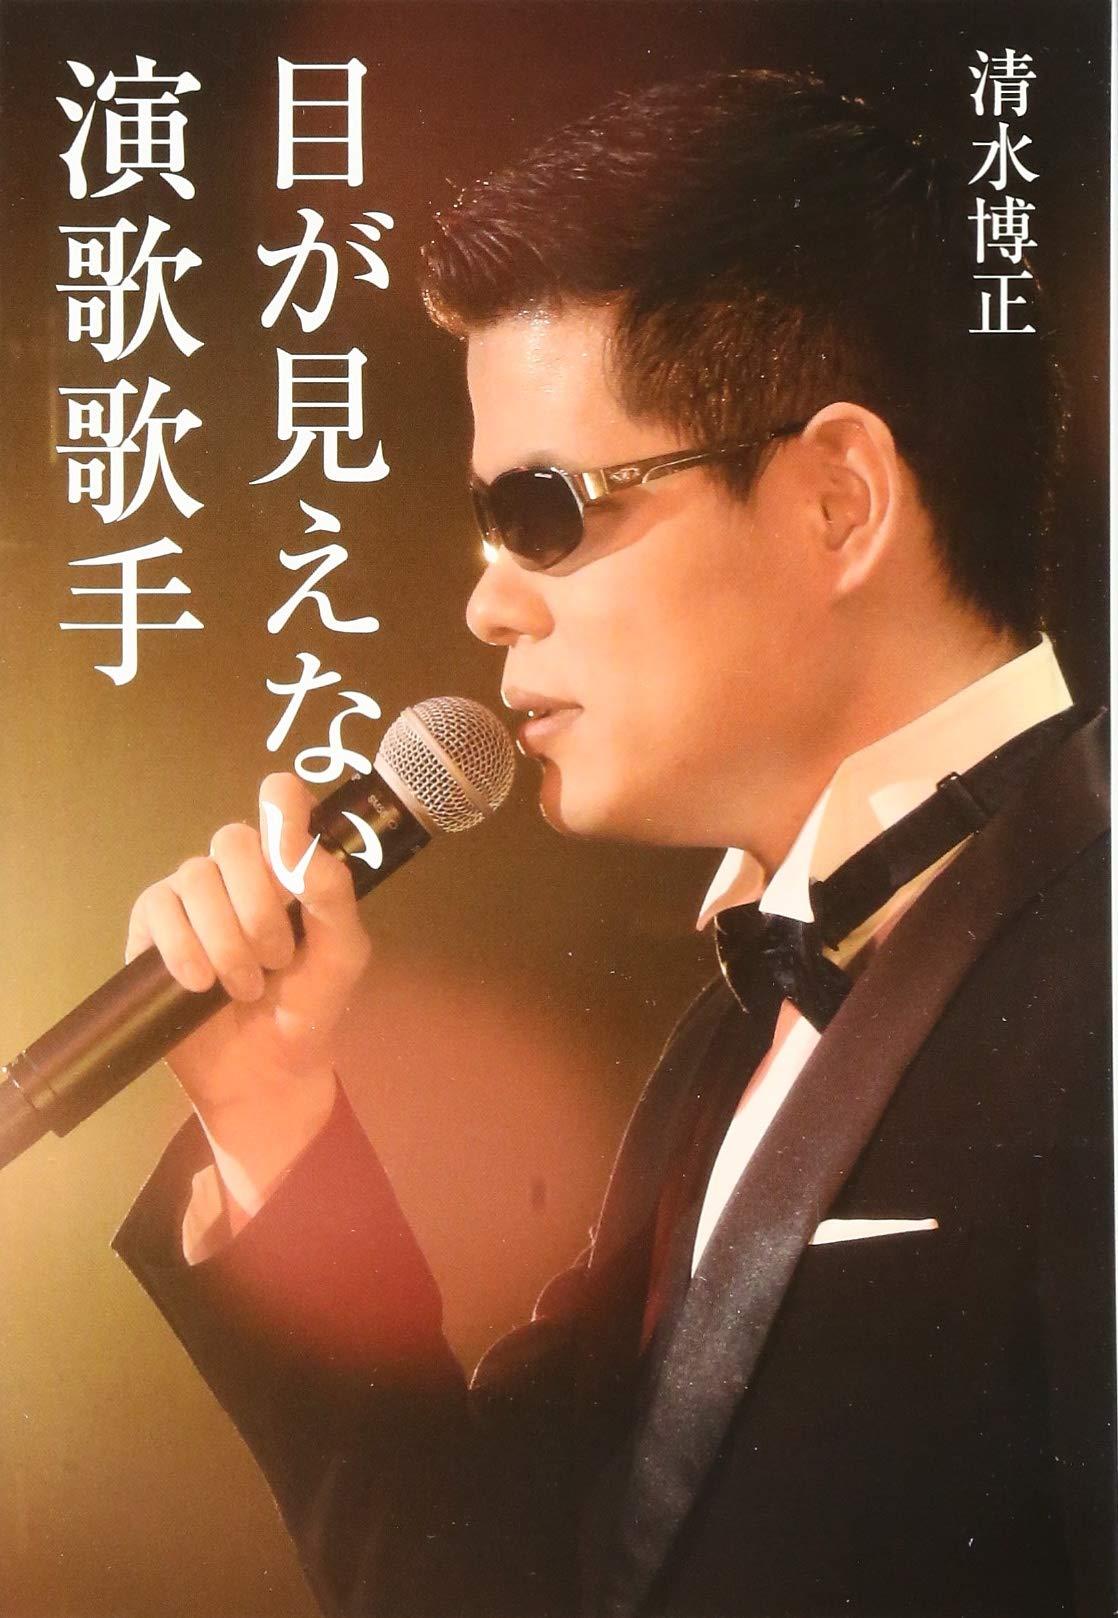 目が見えない演歌歌手 | 清水 博正 |本 | 通販 | Amazon